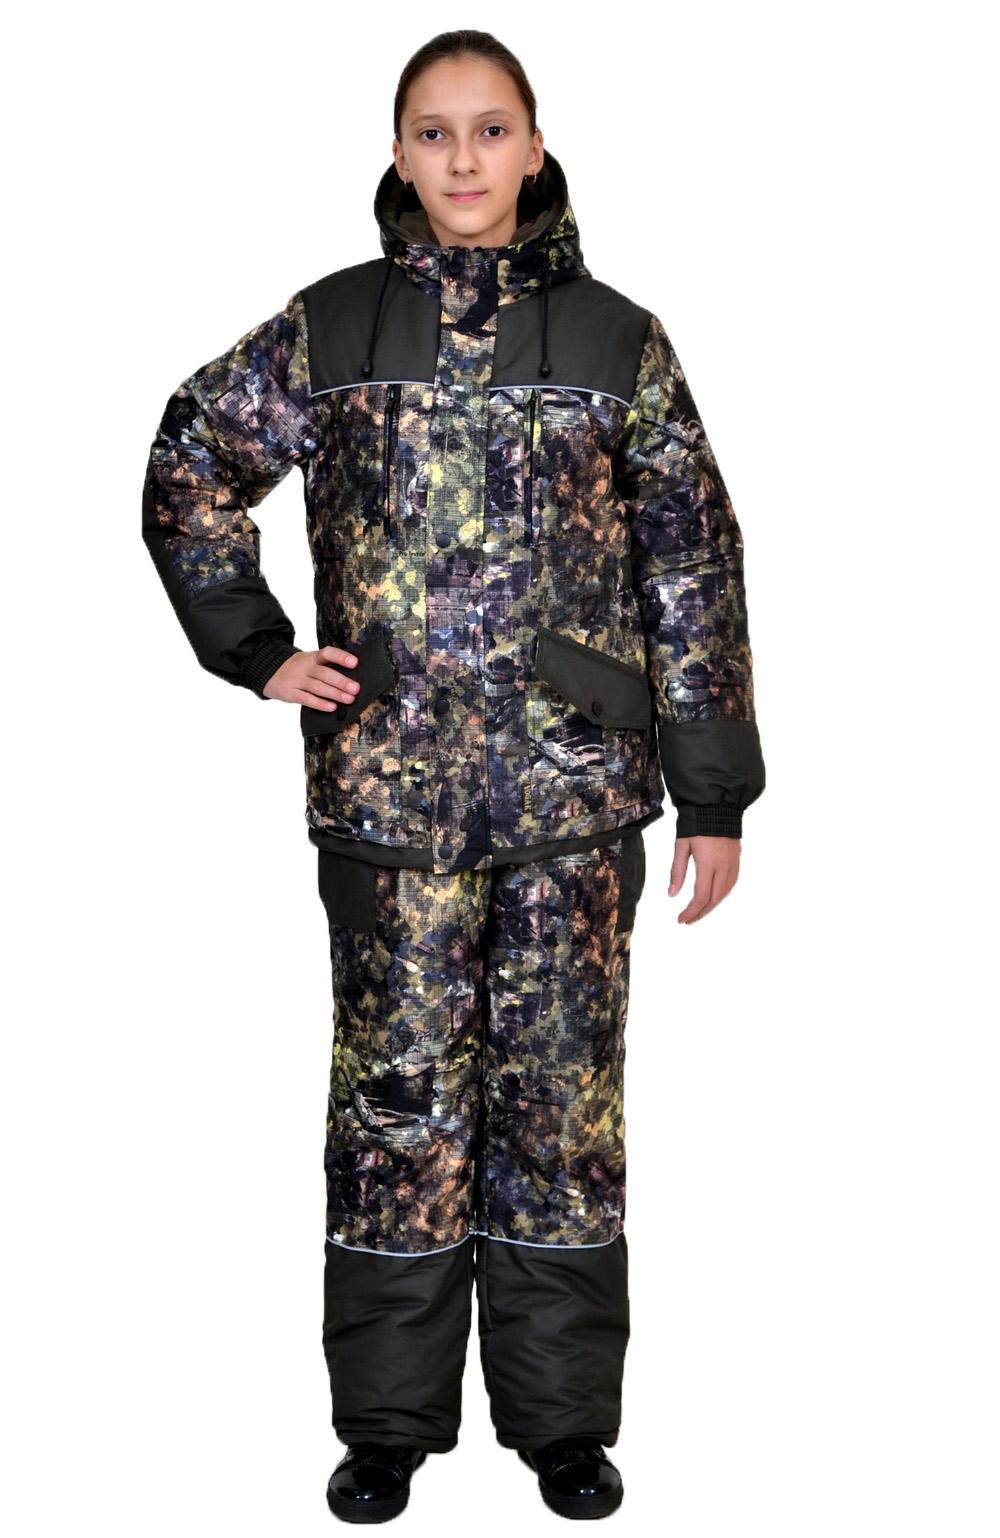 есть костюмы для рыбалки для детей